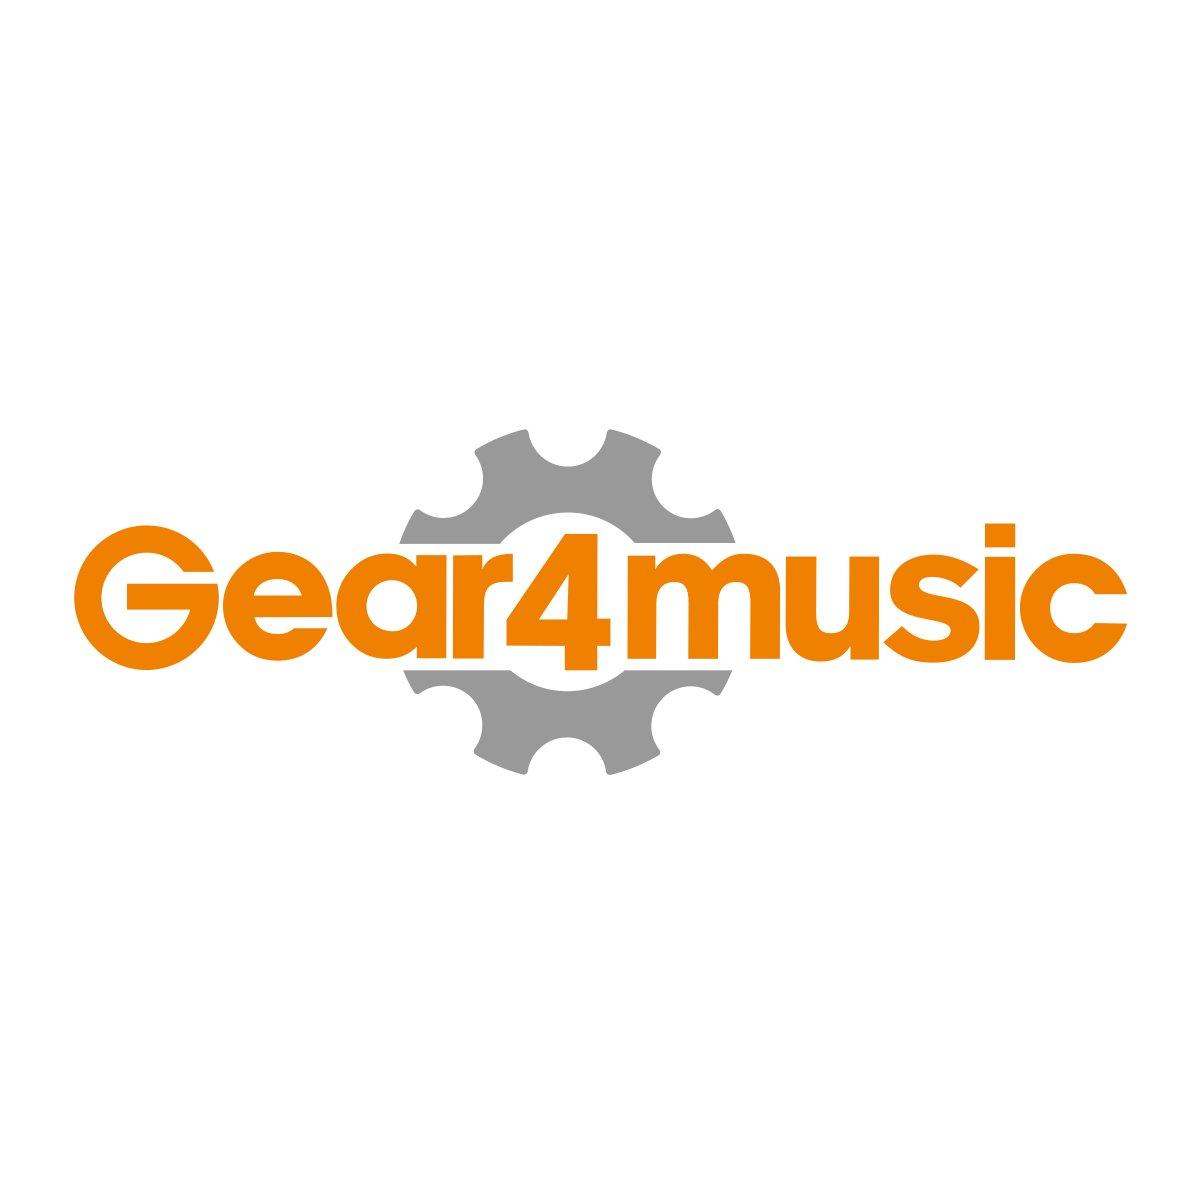 Notenständer-Lampe von Gear4music, 2 LED